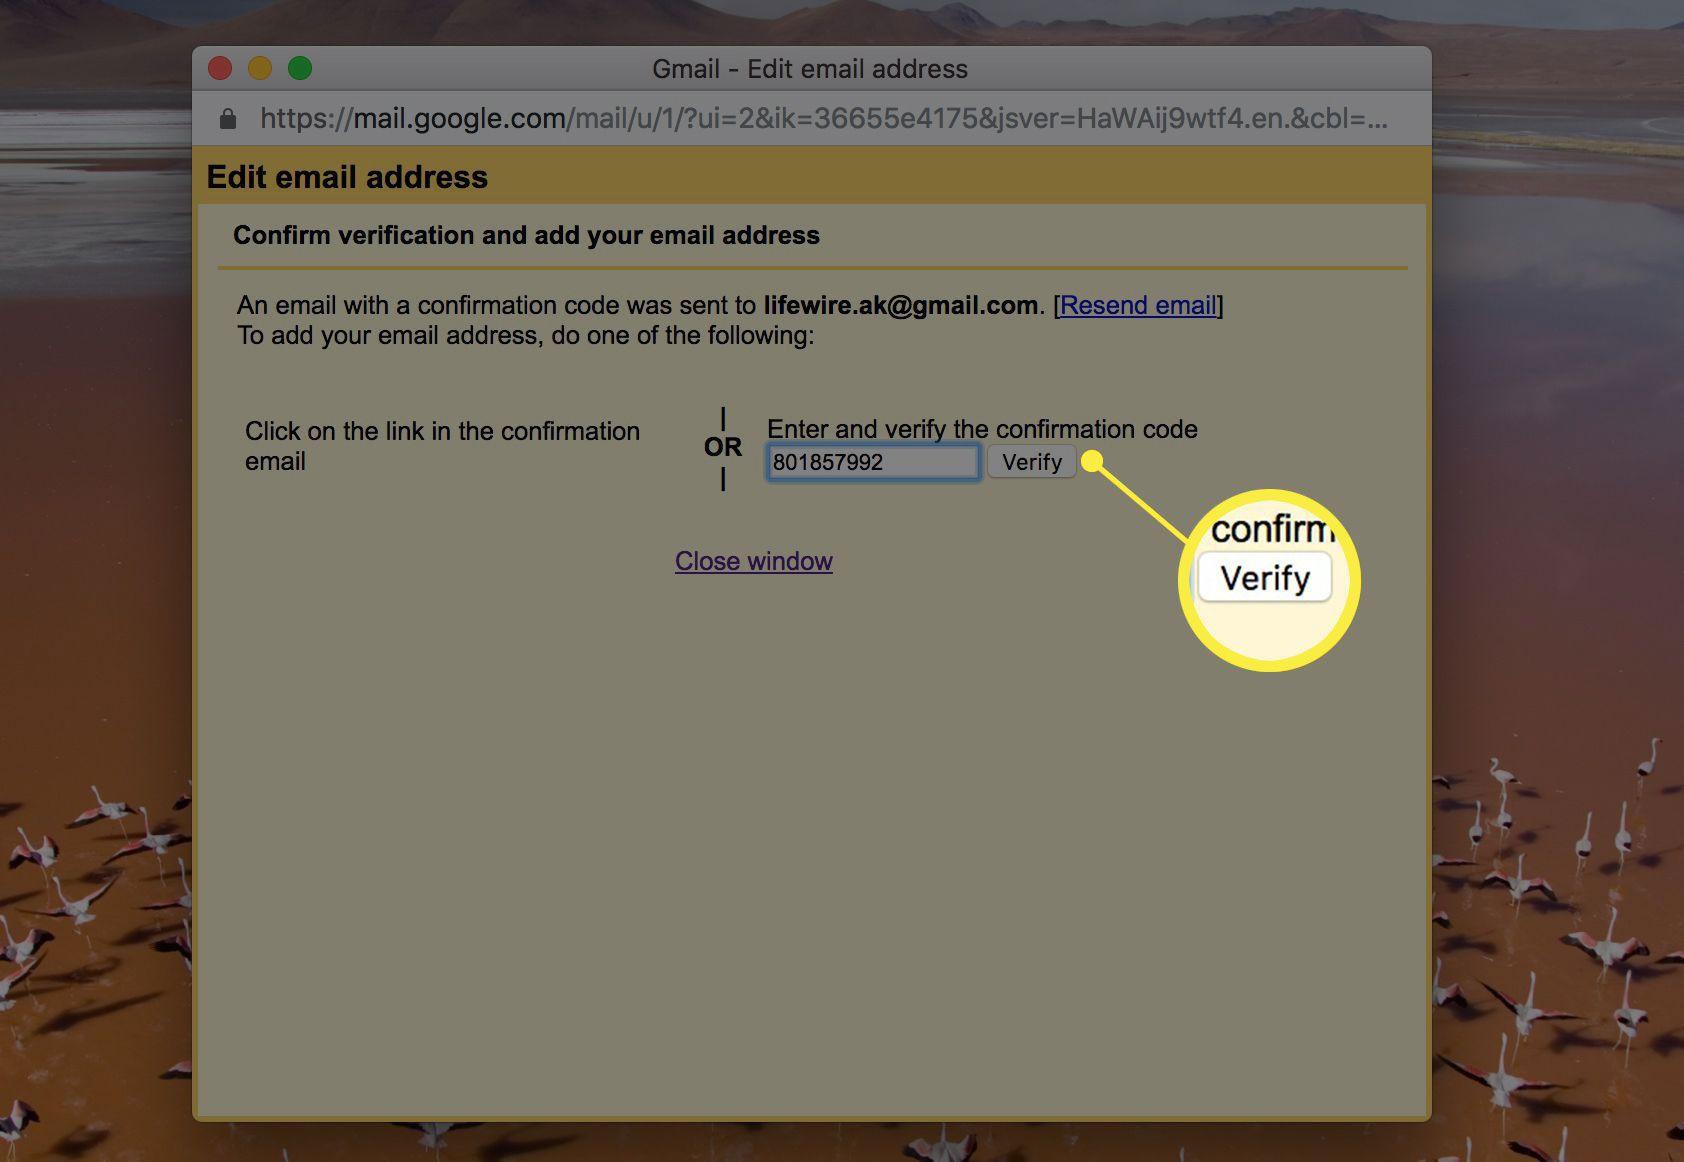 The Verify button